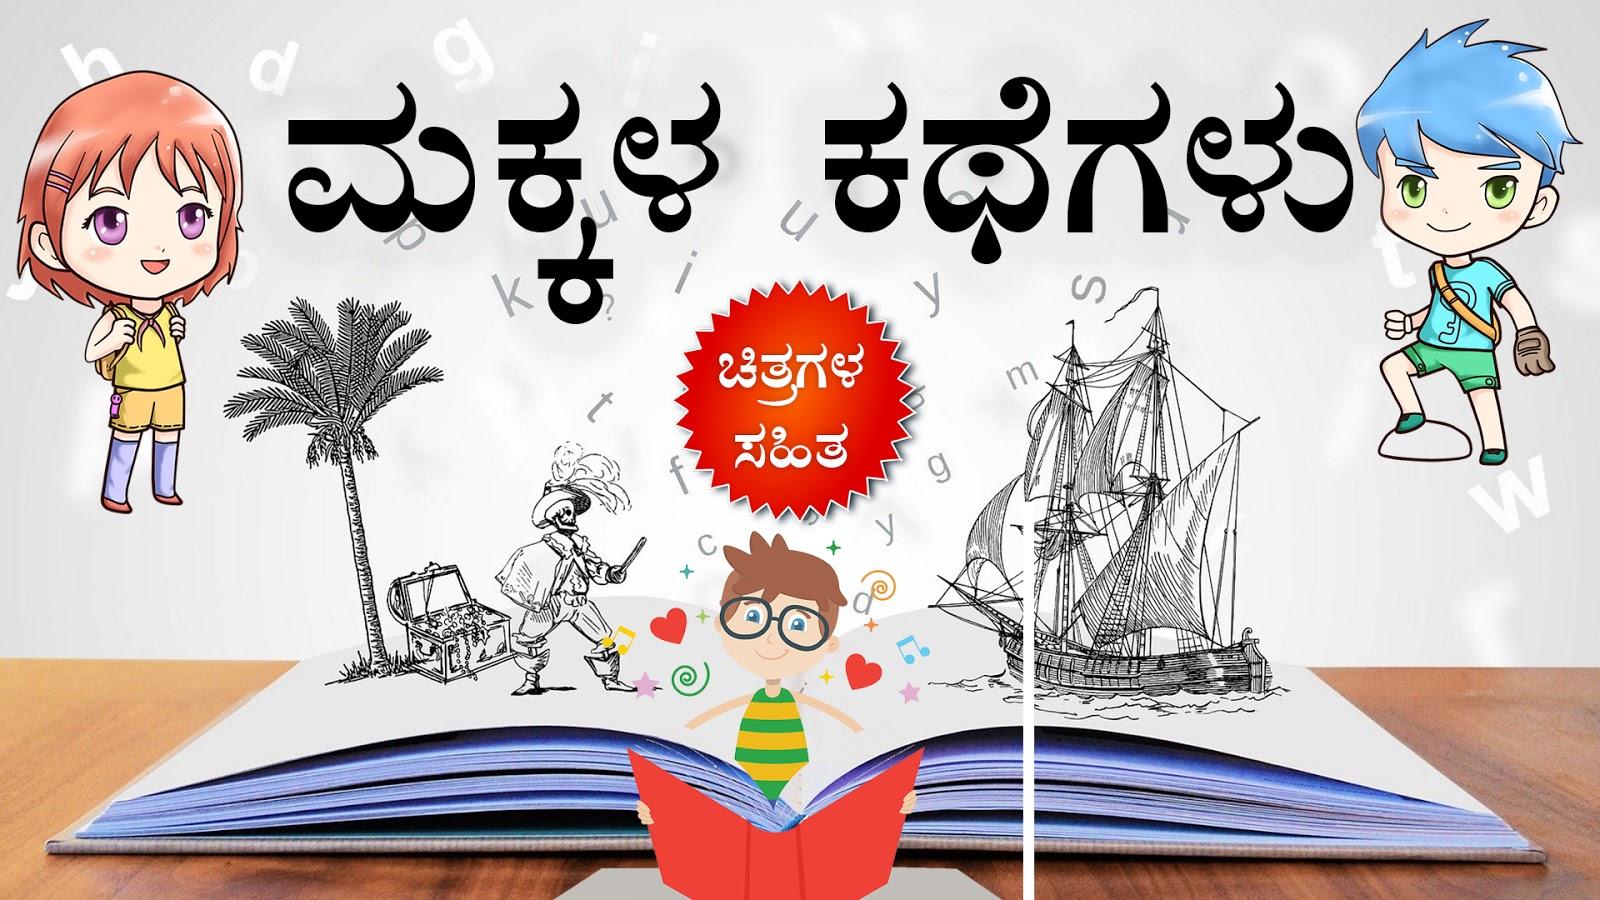 ಮಕ್ಕಳ ಕಥೆಗಳು - Kannada Stories for Kids